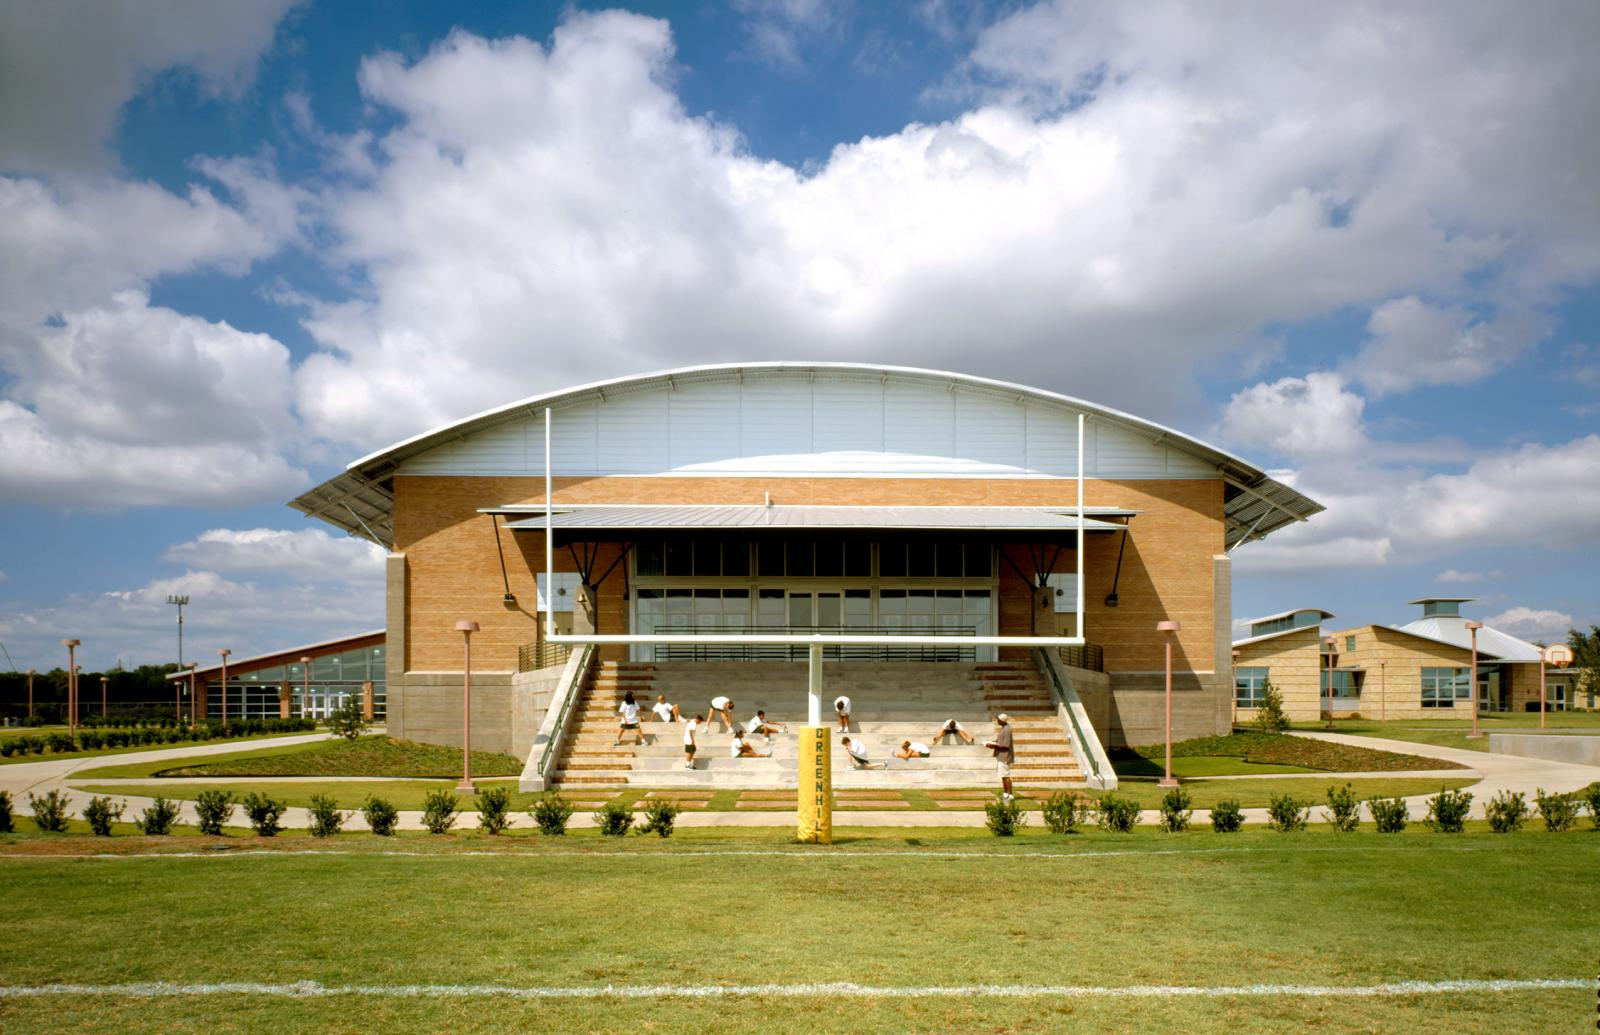 Greenhill School Lake Flato